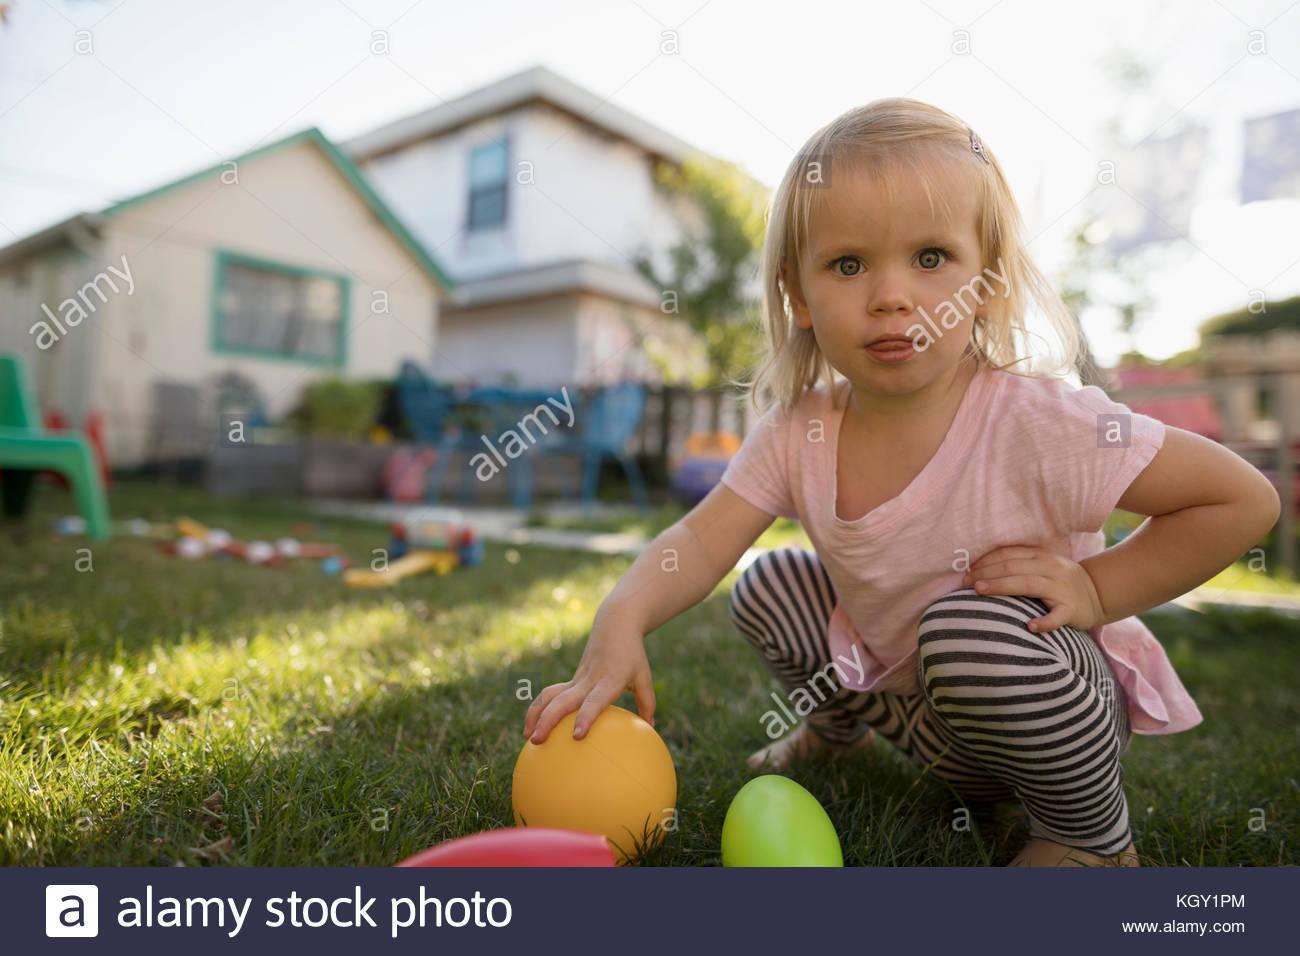 Ritratto curioso toddler bionda ragazza che gioca con i giocattoli in cortile Immagini Stock